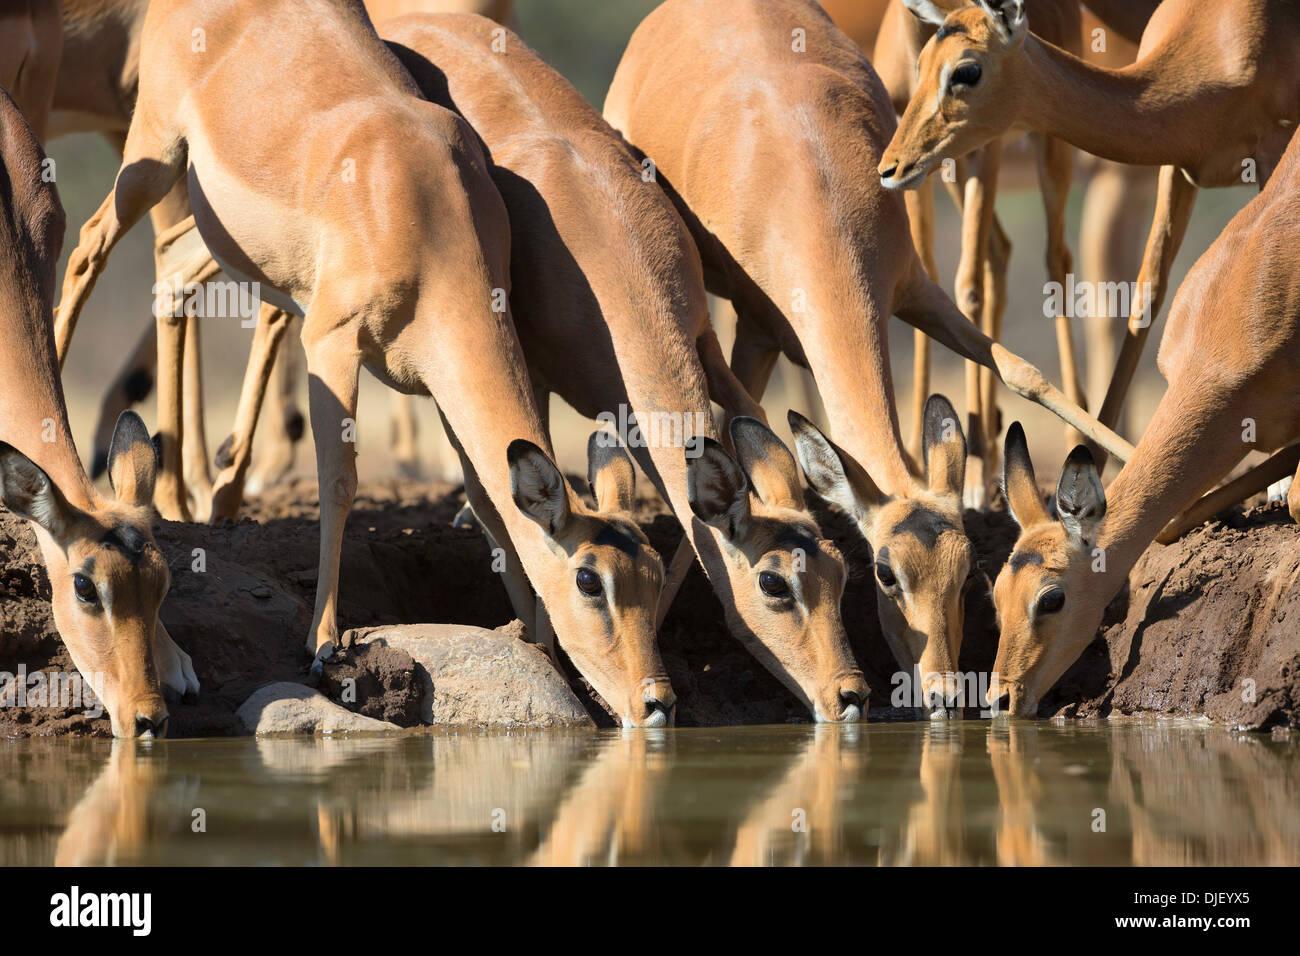 Impala (Aepyceros melampus) Drinking at waterhole. Mashatu game reserve.Botswana - Stock Image